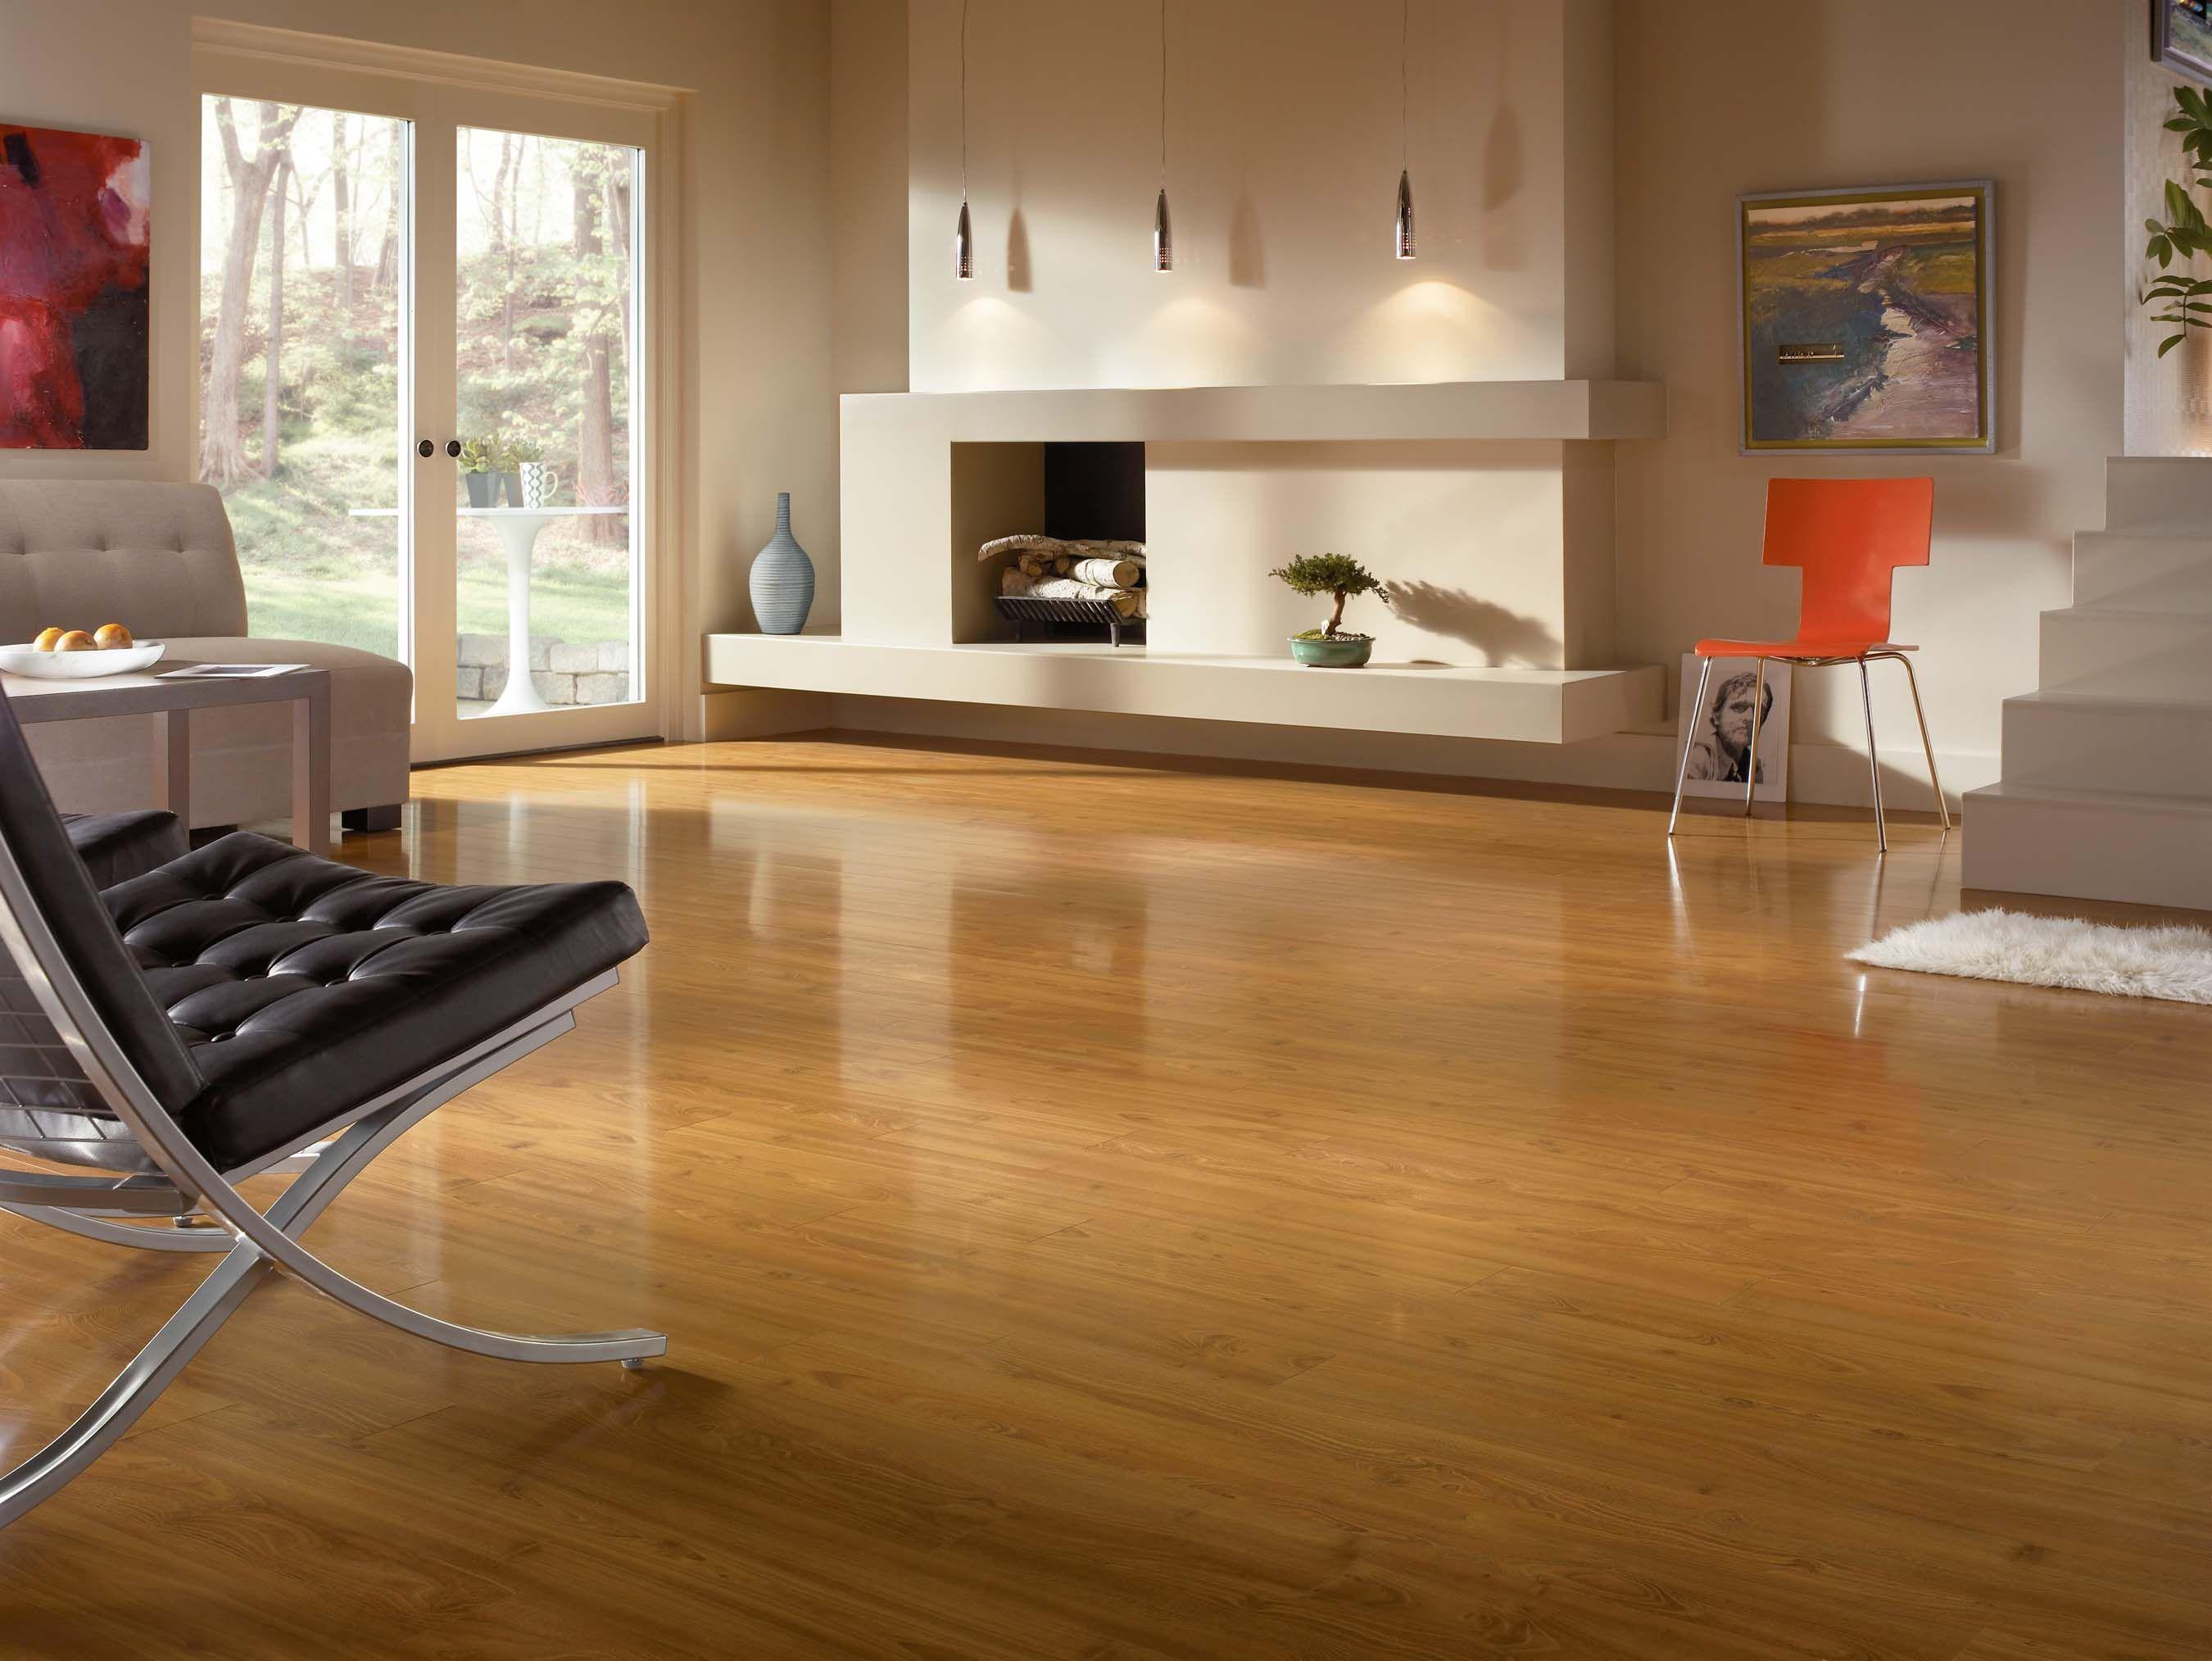 Parquet laminato vs Pavimenti in legno • Guida alla scelta | House